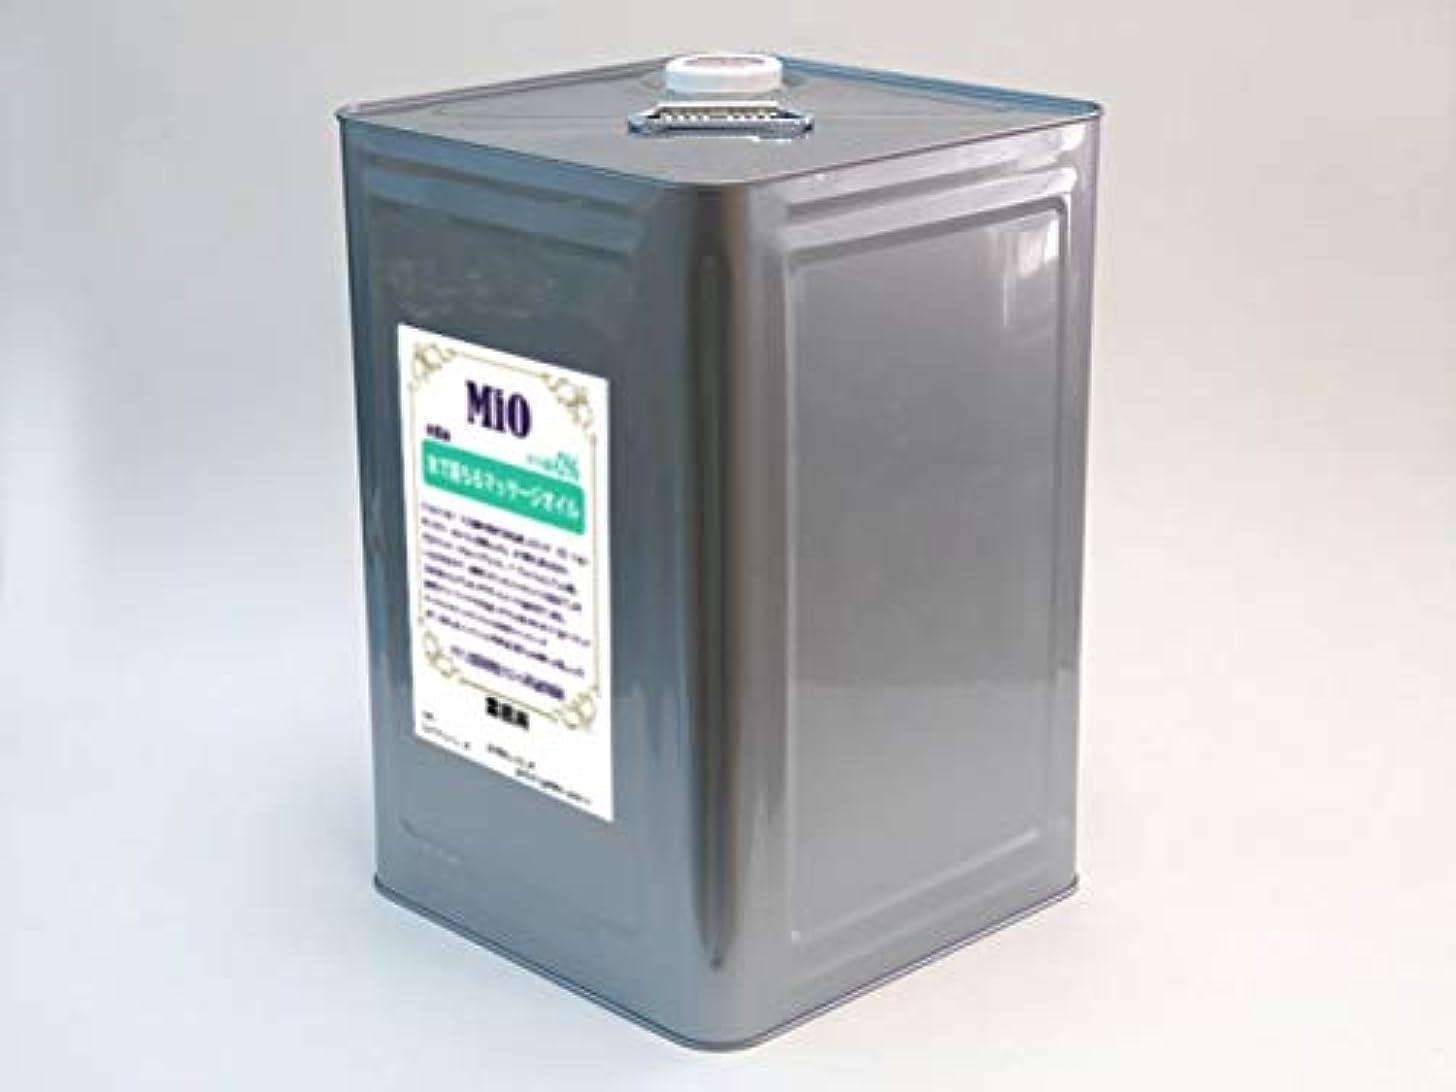 クリーナー補償従順な【業務用】水だけで落ちるマッサージオイルMiO 水溶性 無香料